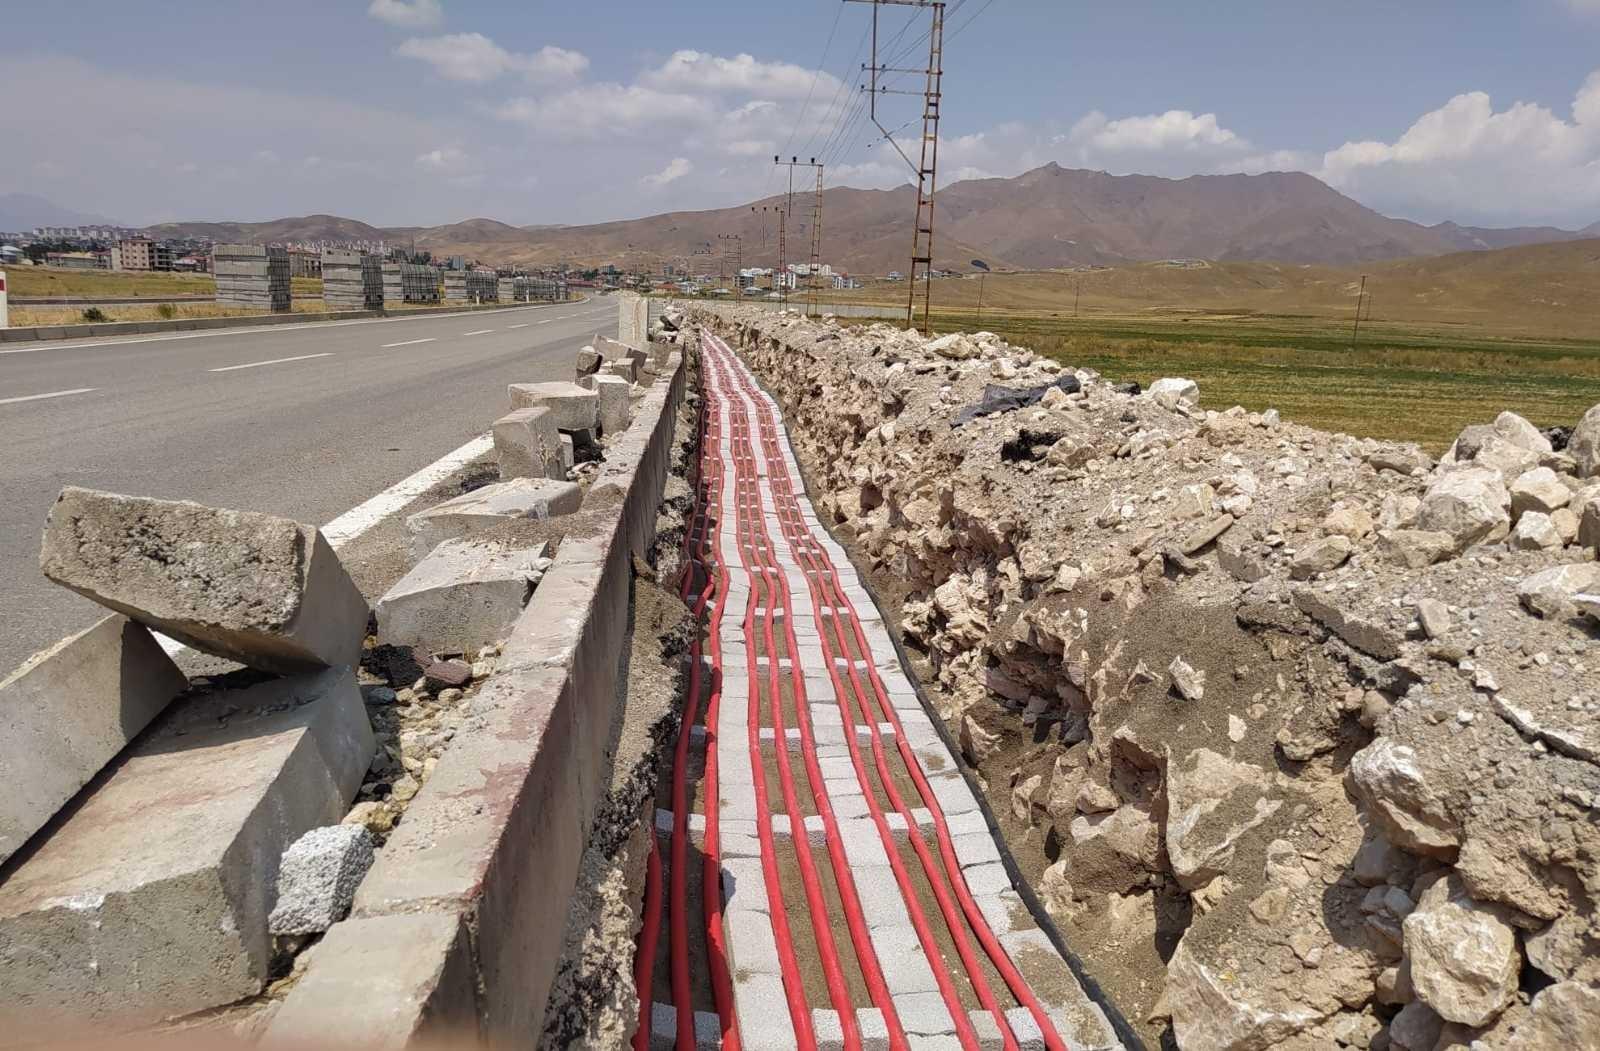 VEDAŞ'tan Yüksekova ilçesine 4,5 milyon liralık yeni dağıtım merkezi #hakkari